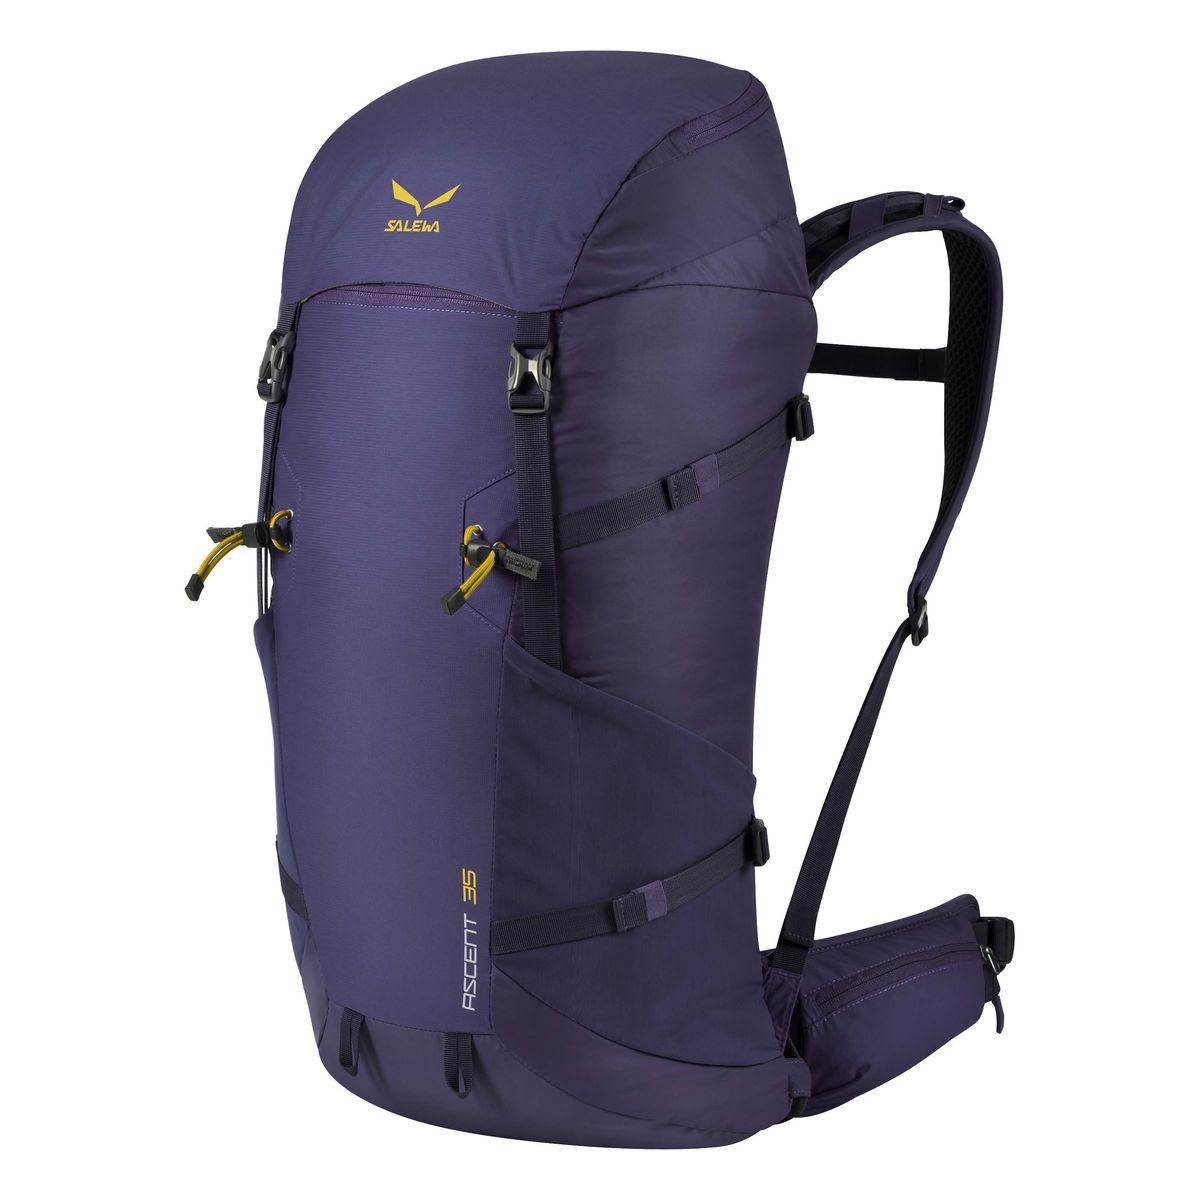 Рюкзак туристический Salewa Ascent 35, цвет: синий, 35л